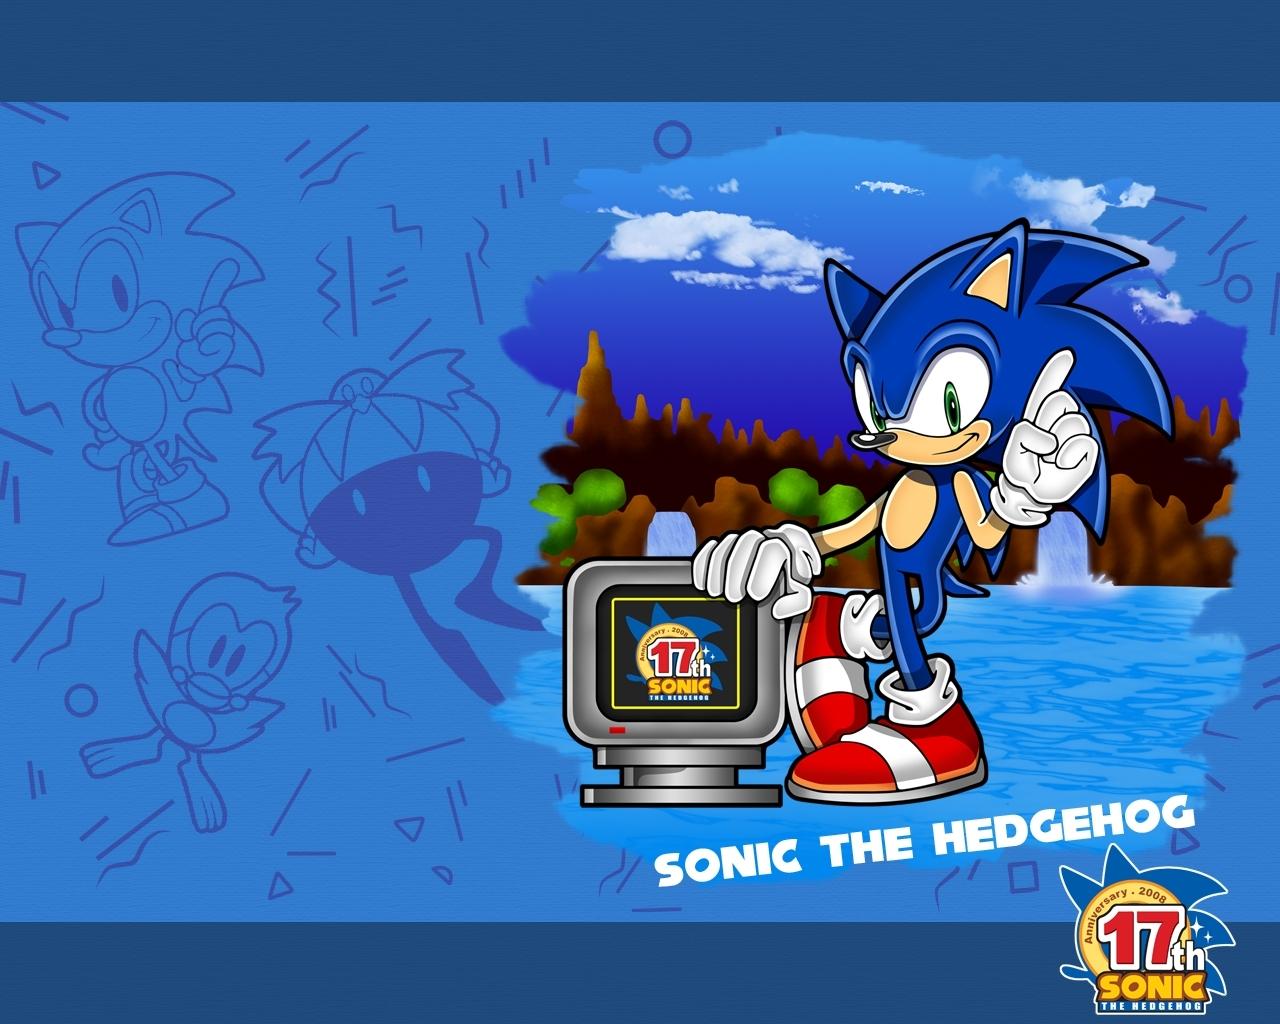 sonic the hedgehog iphone wallpaper wallpapersafari